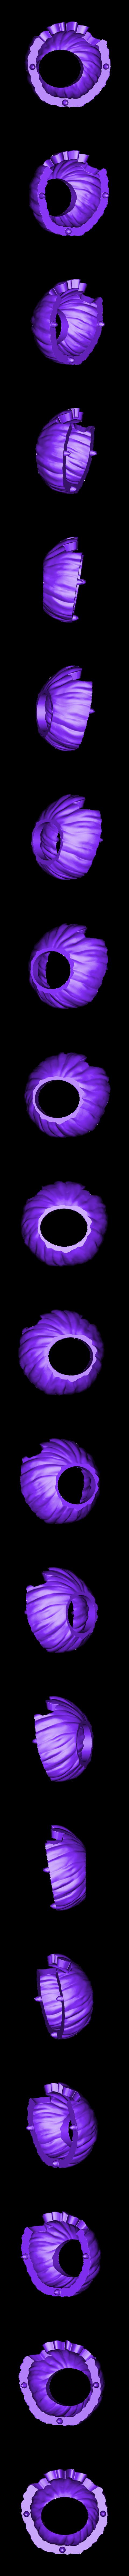 bottomhalf.stl Download free STL file Bat-o'-lantern • 3D print object, 3DJourney